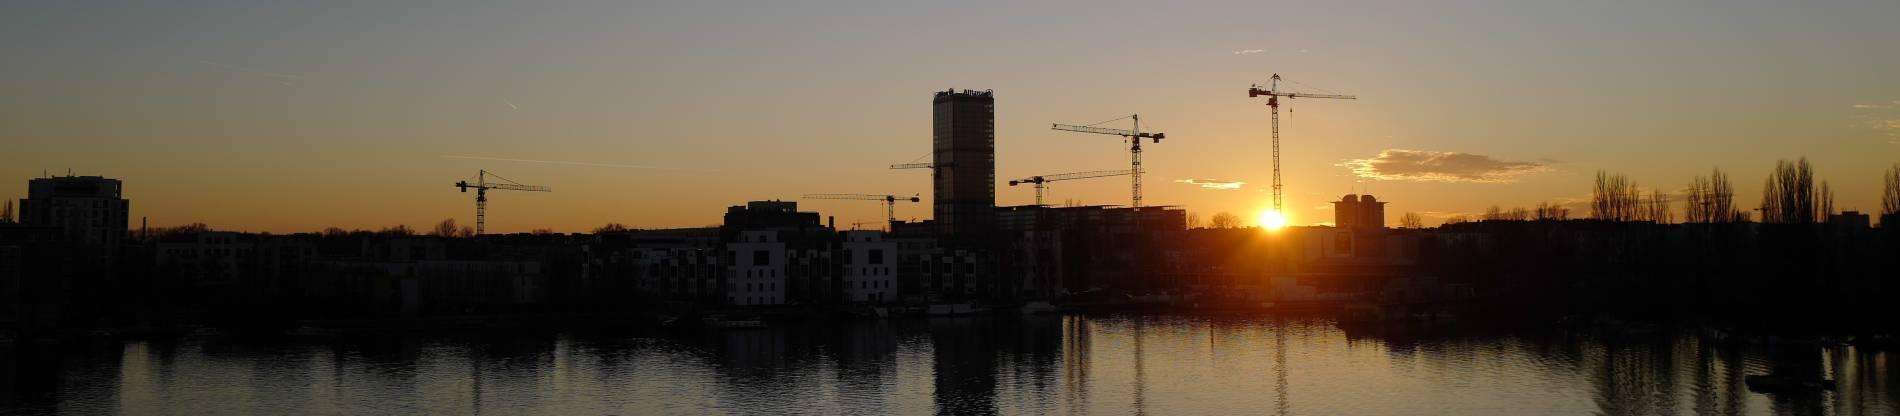 Abendlicht in der Stadt